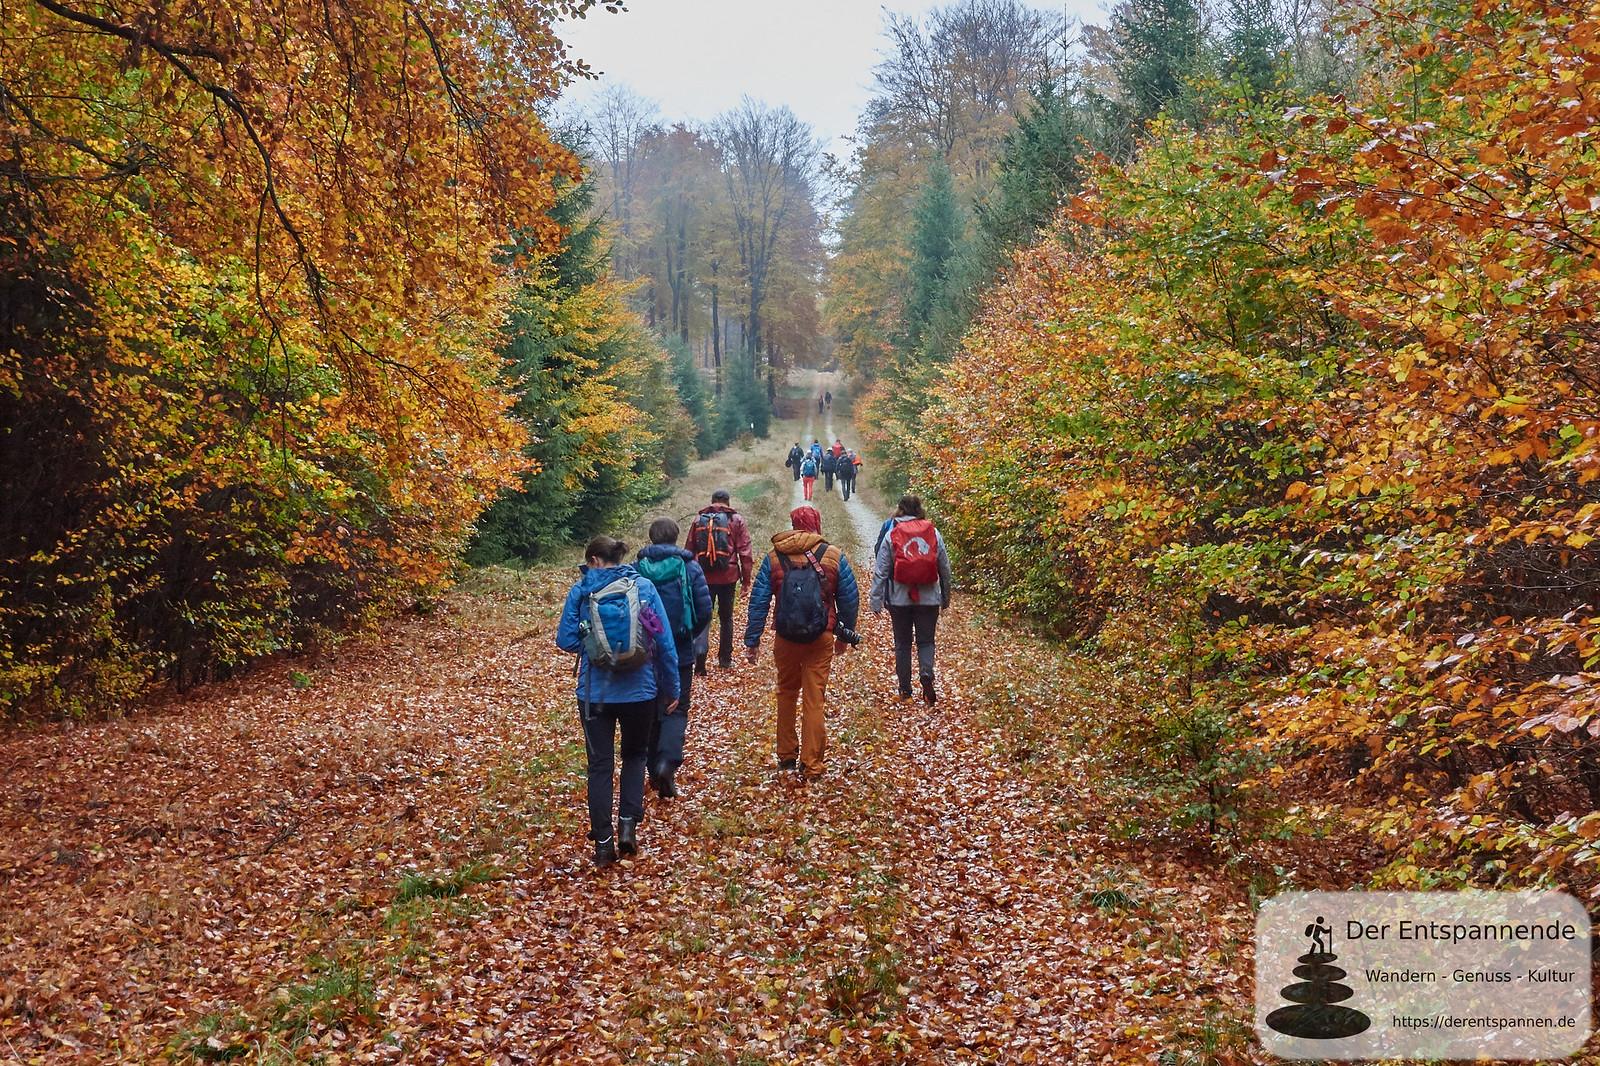 Wandern auf dem Saar-Hunsrück-Steig, Etappe 10